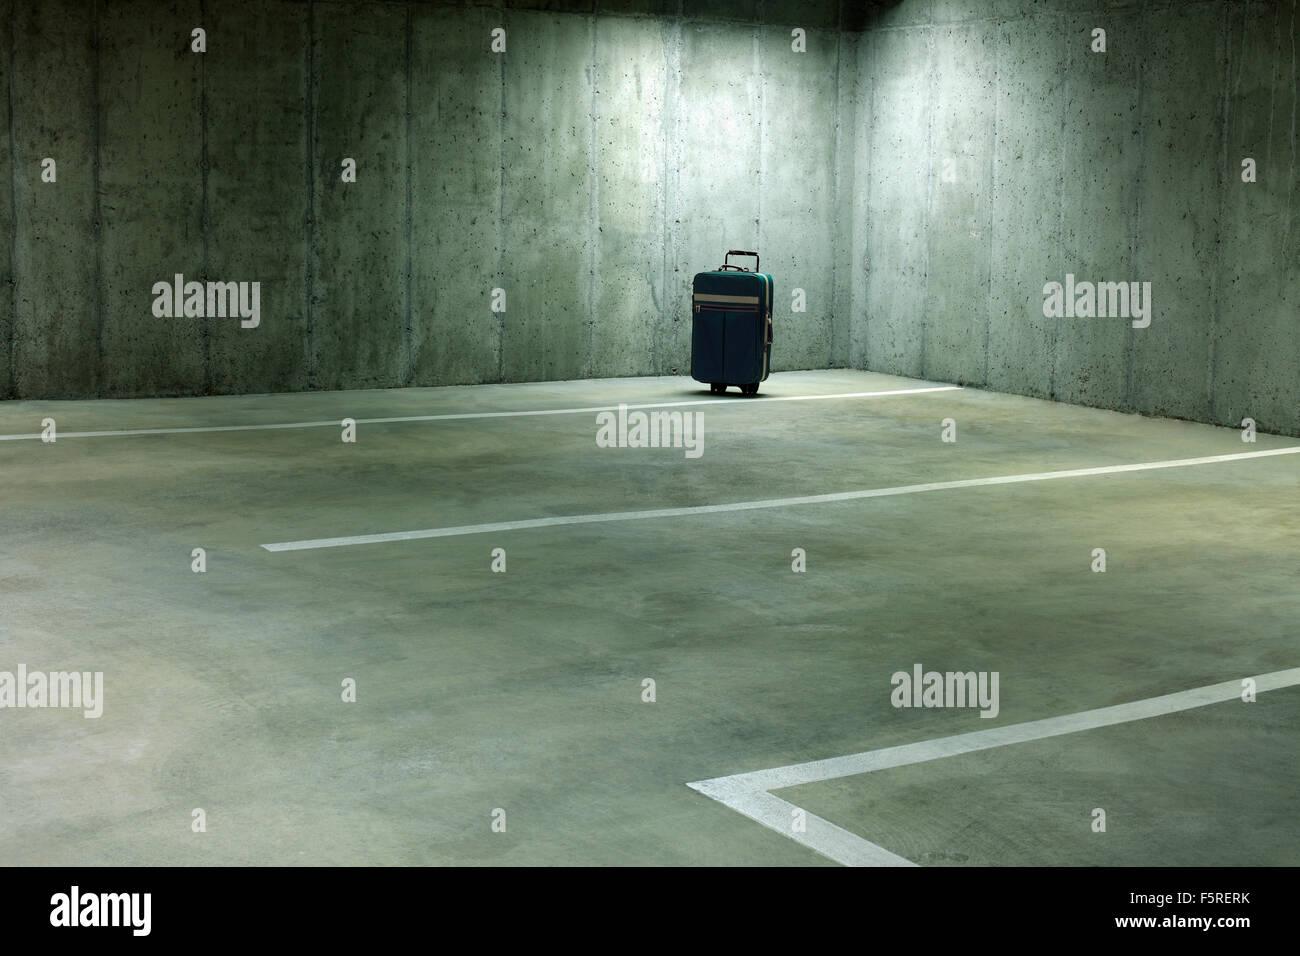 Valise oublié dans un garage vide Photo Stock